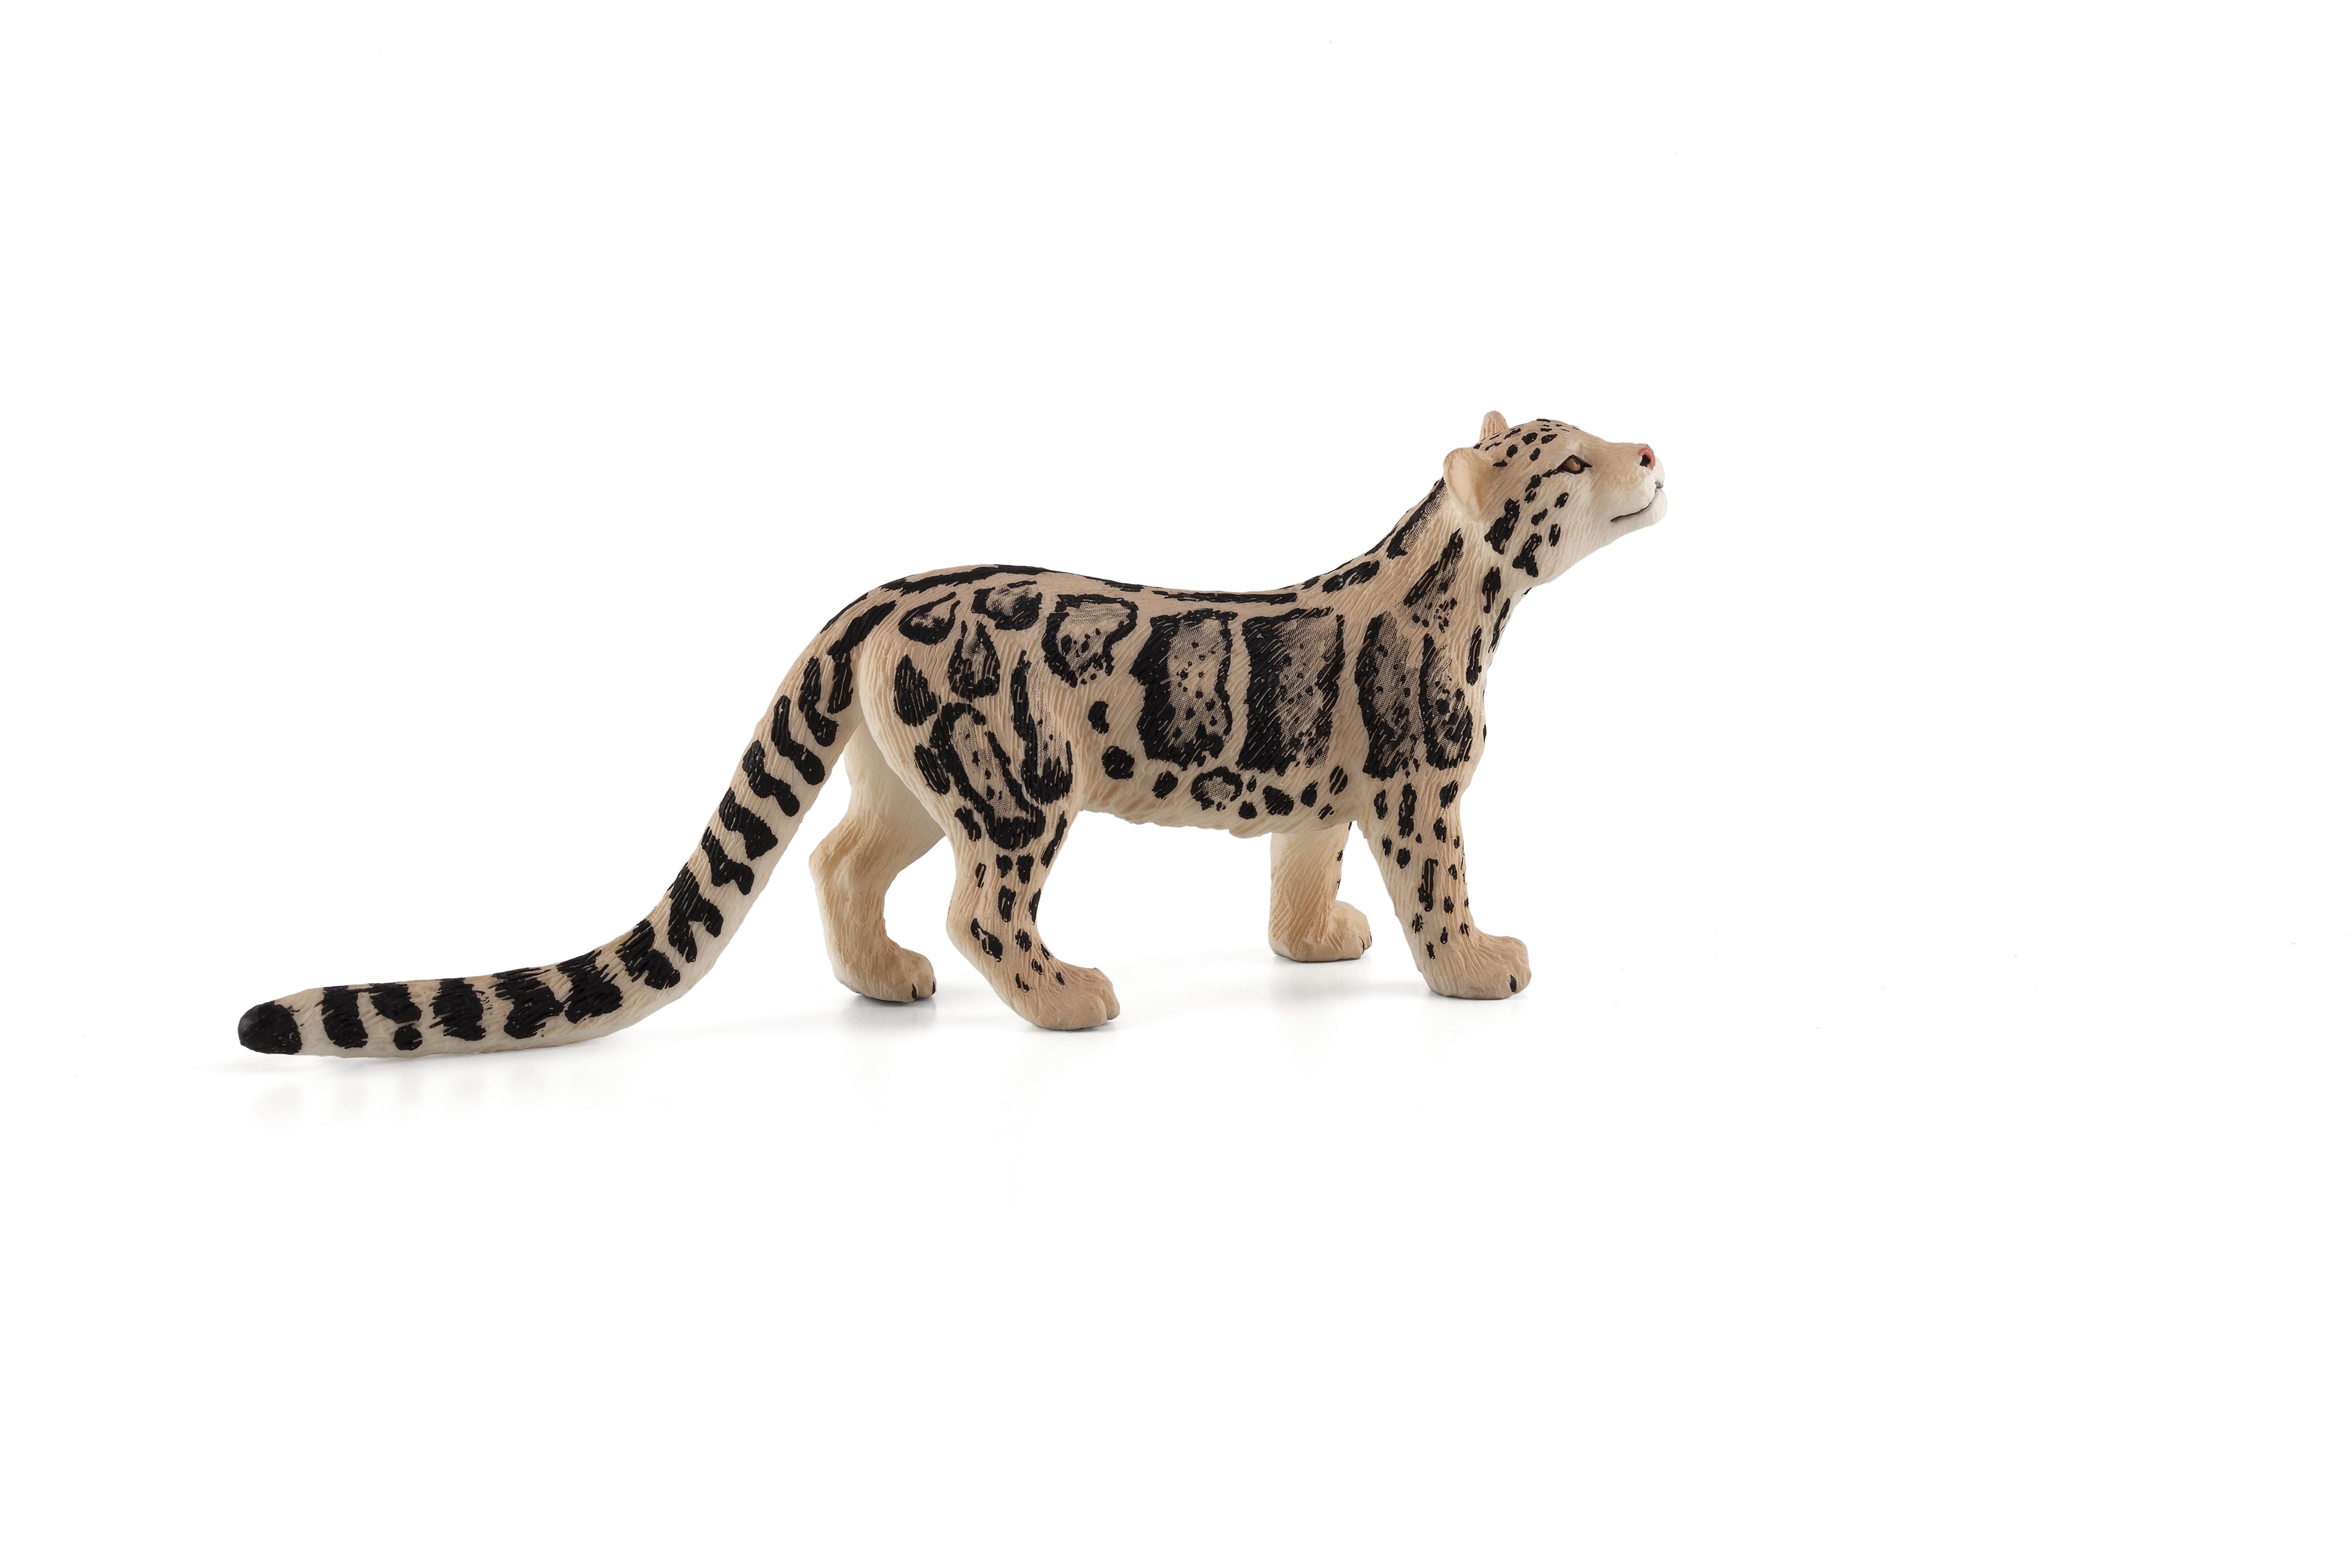 Figurina leopard patat mojo